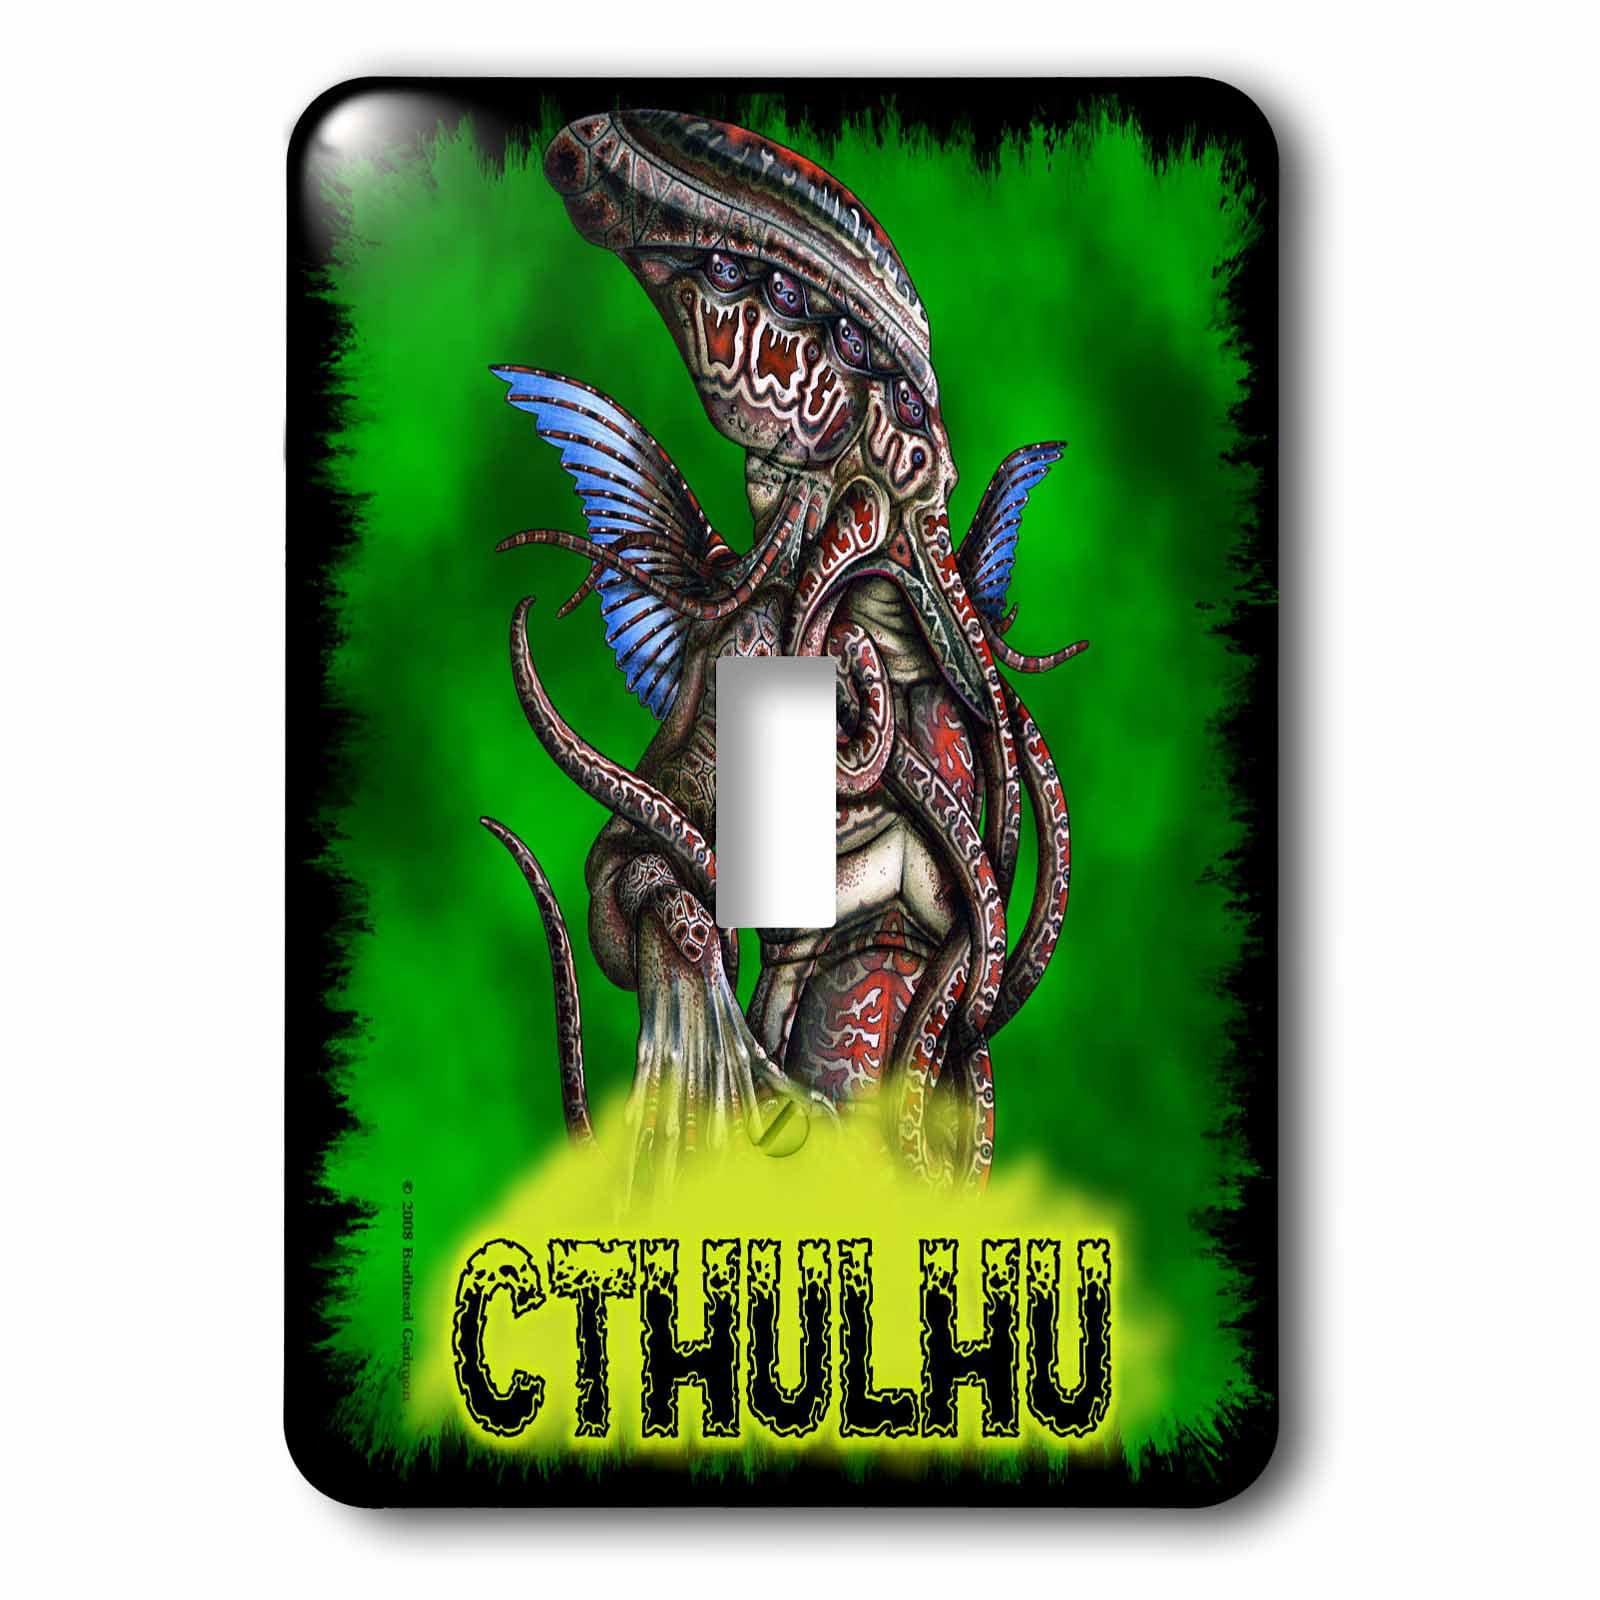 3dRose Cthulhu Lovecraft Mythos Elder God Horror Art, 2 Plug Outlet Cover